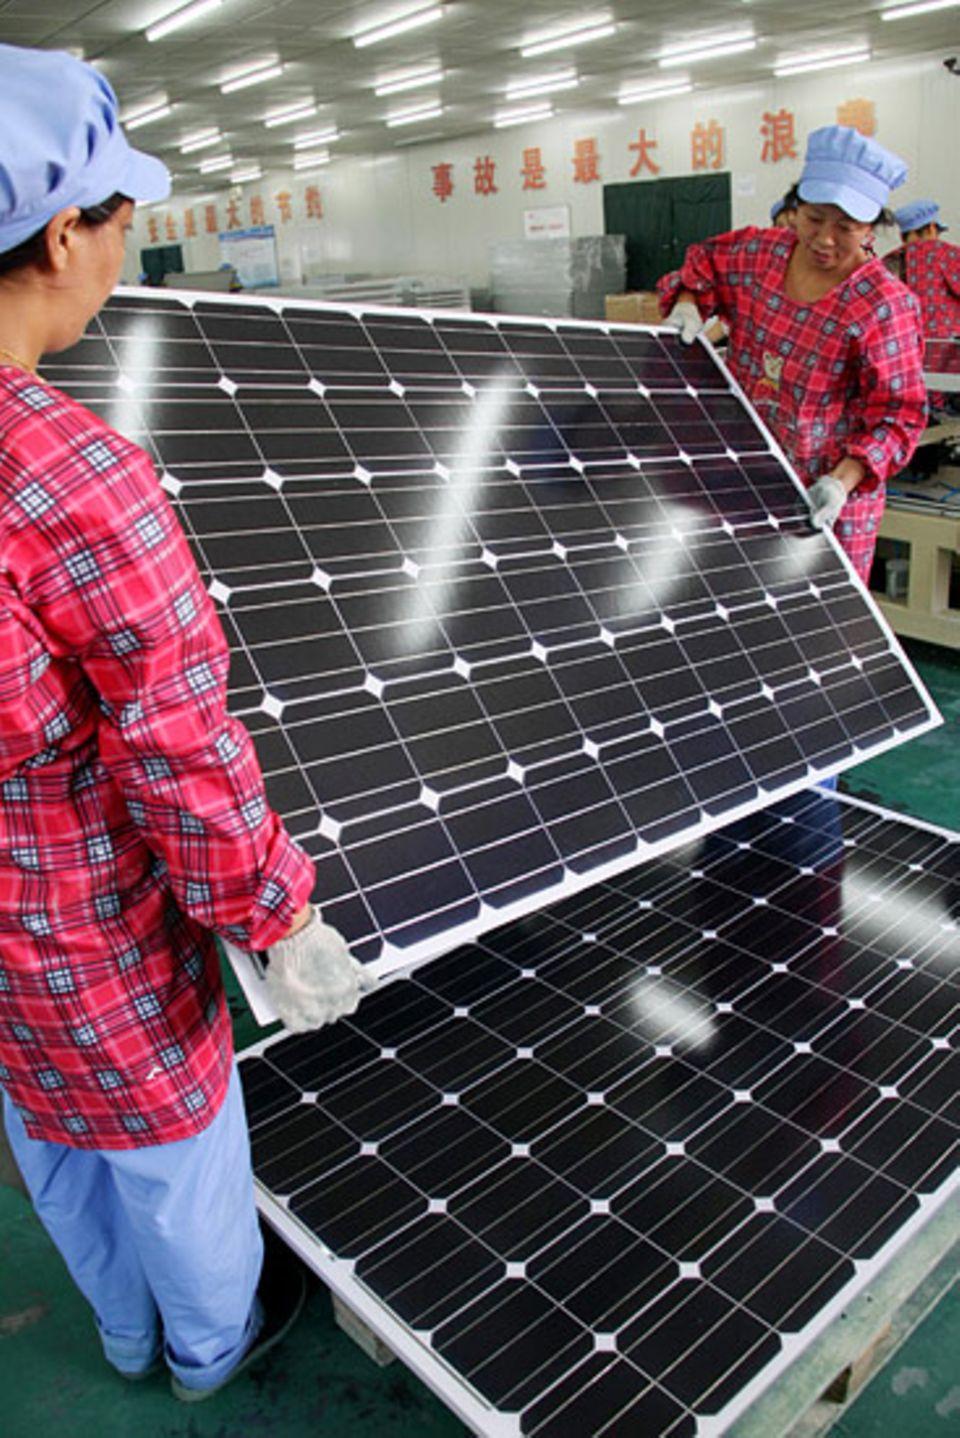 China ist zum wichtigsten Markt für Solarenergie geworden und hat bei Investitionen in erneuerbare Energien die Führung übernommen